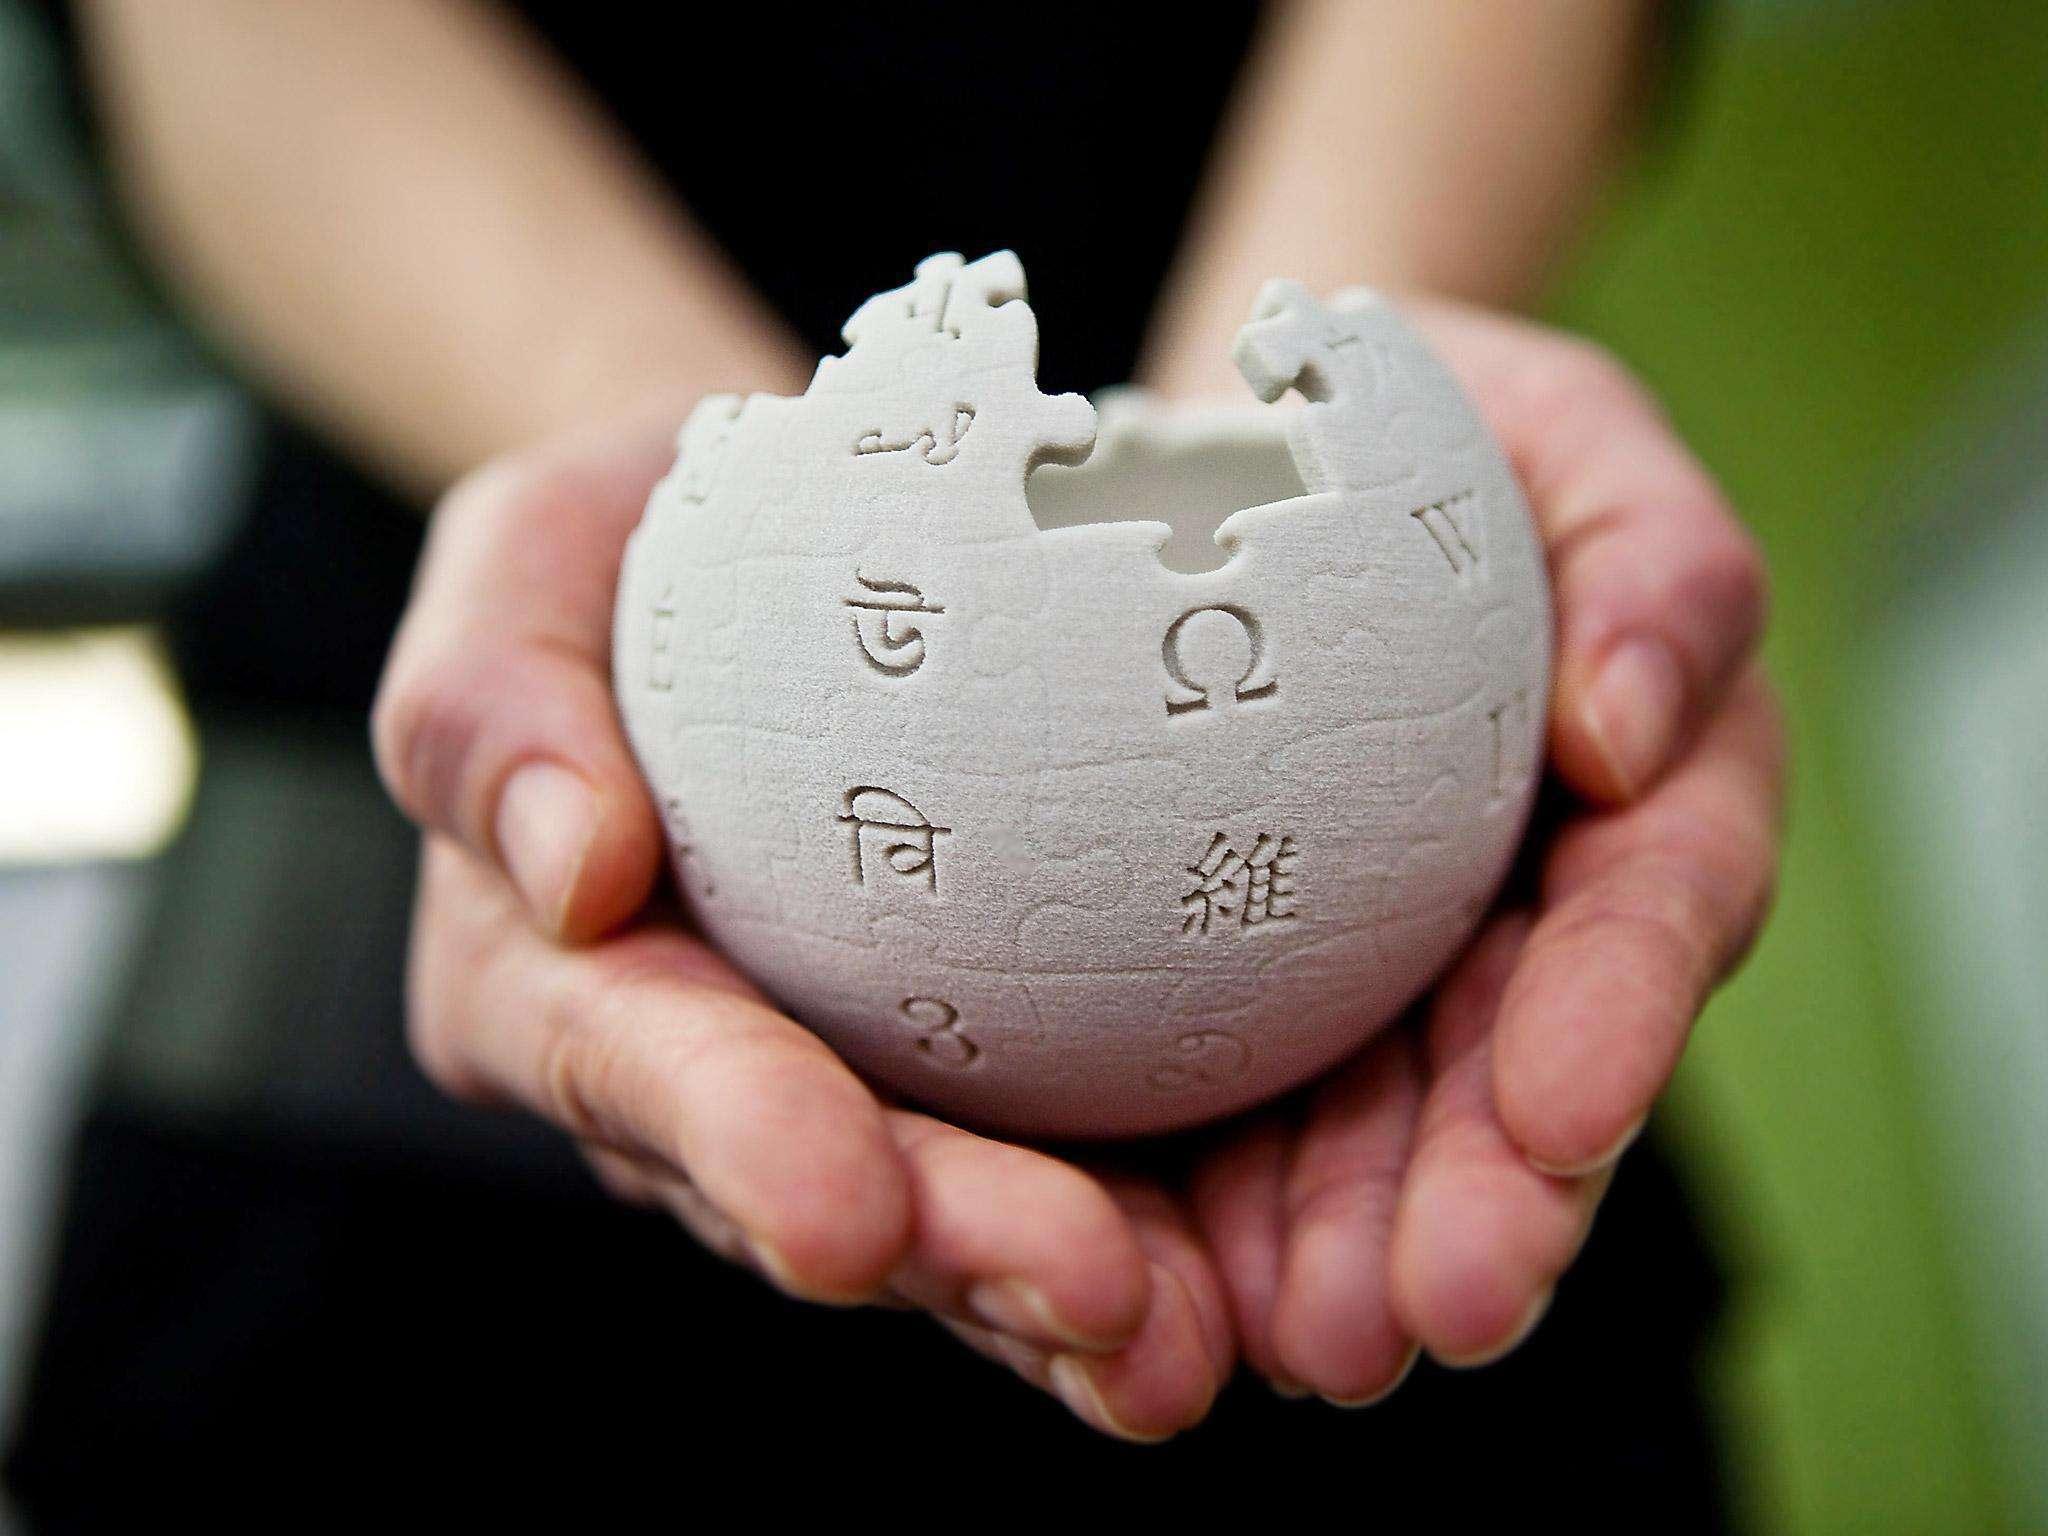 ويكيبيديا كأداة مهمة لتوثيق انتهاكات حقوق الإنسان